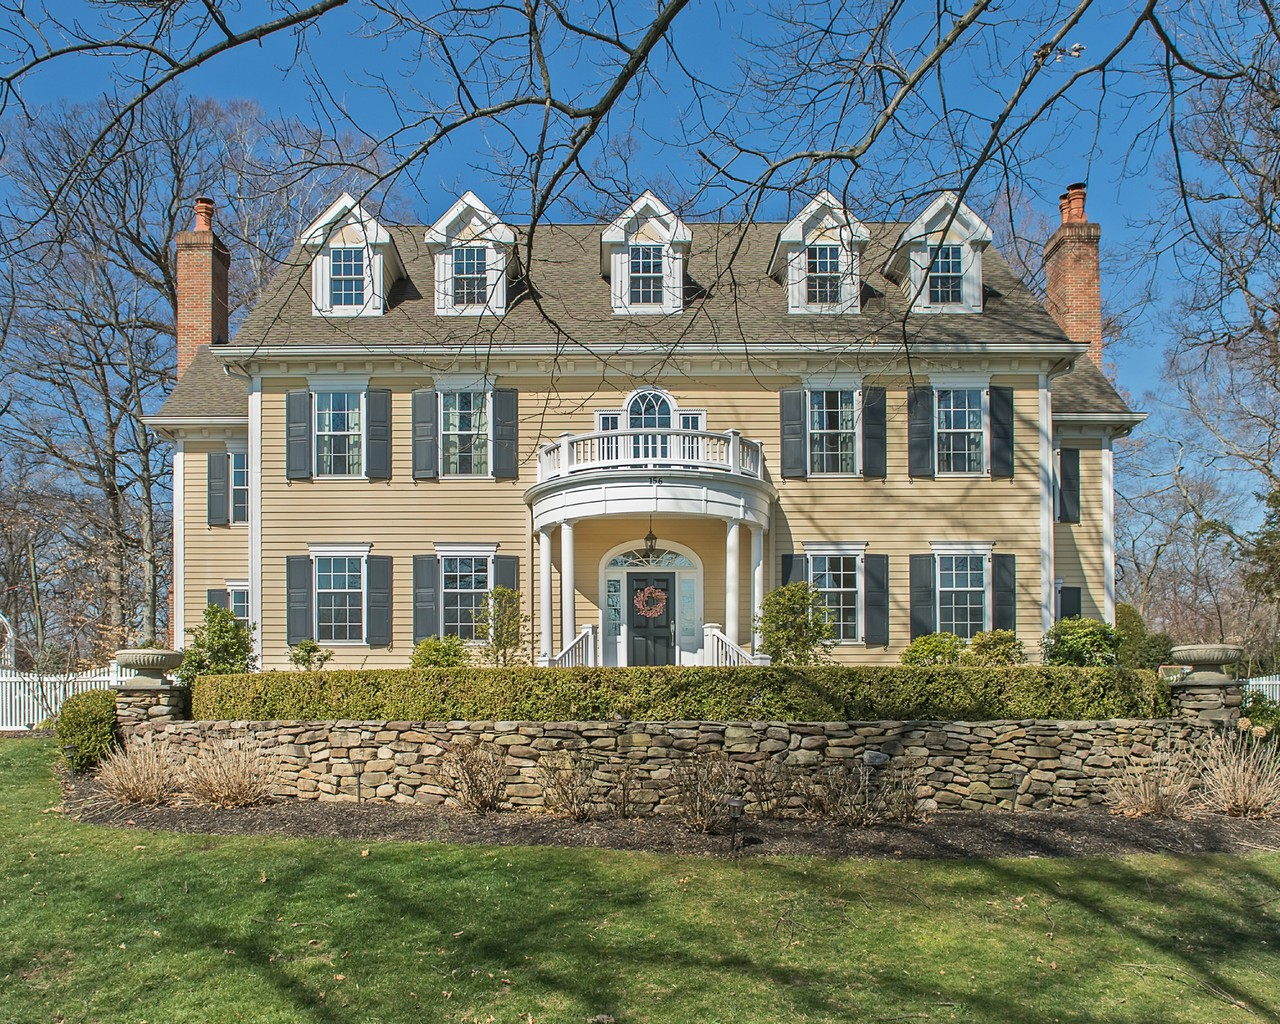 Частный односемейный дом для того Продажа на Stately Glen Ridge Center Hall Colonial 156 Ridgewood Avenue Glen Ridge, Нью-Джерси 07028 Соединенные Штаты